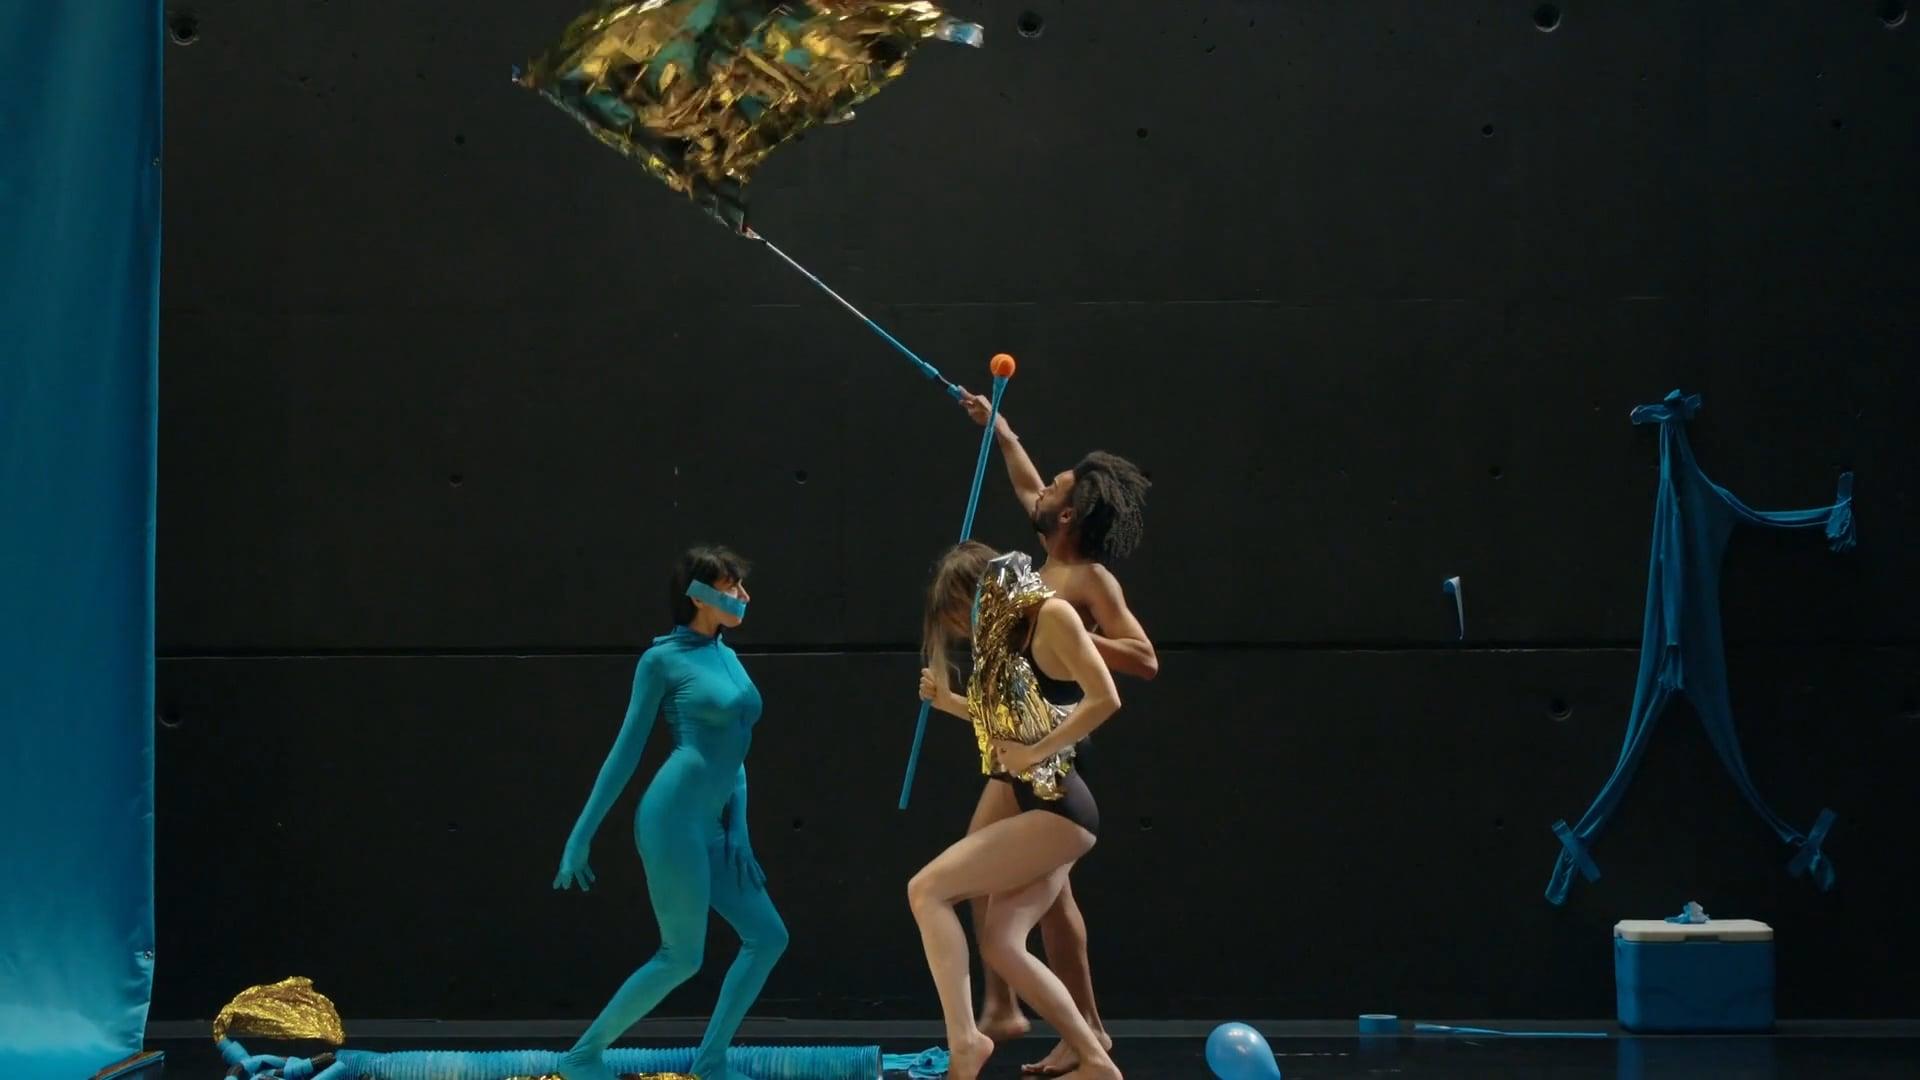 HEBEL / TEASER / BARYSHNIKOV ARTS CENTER